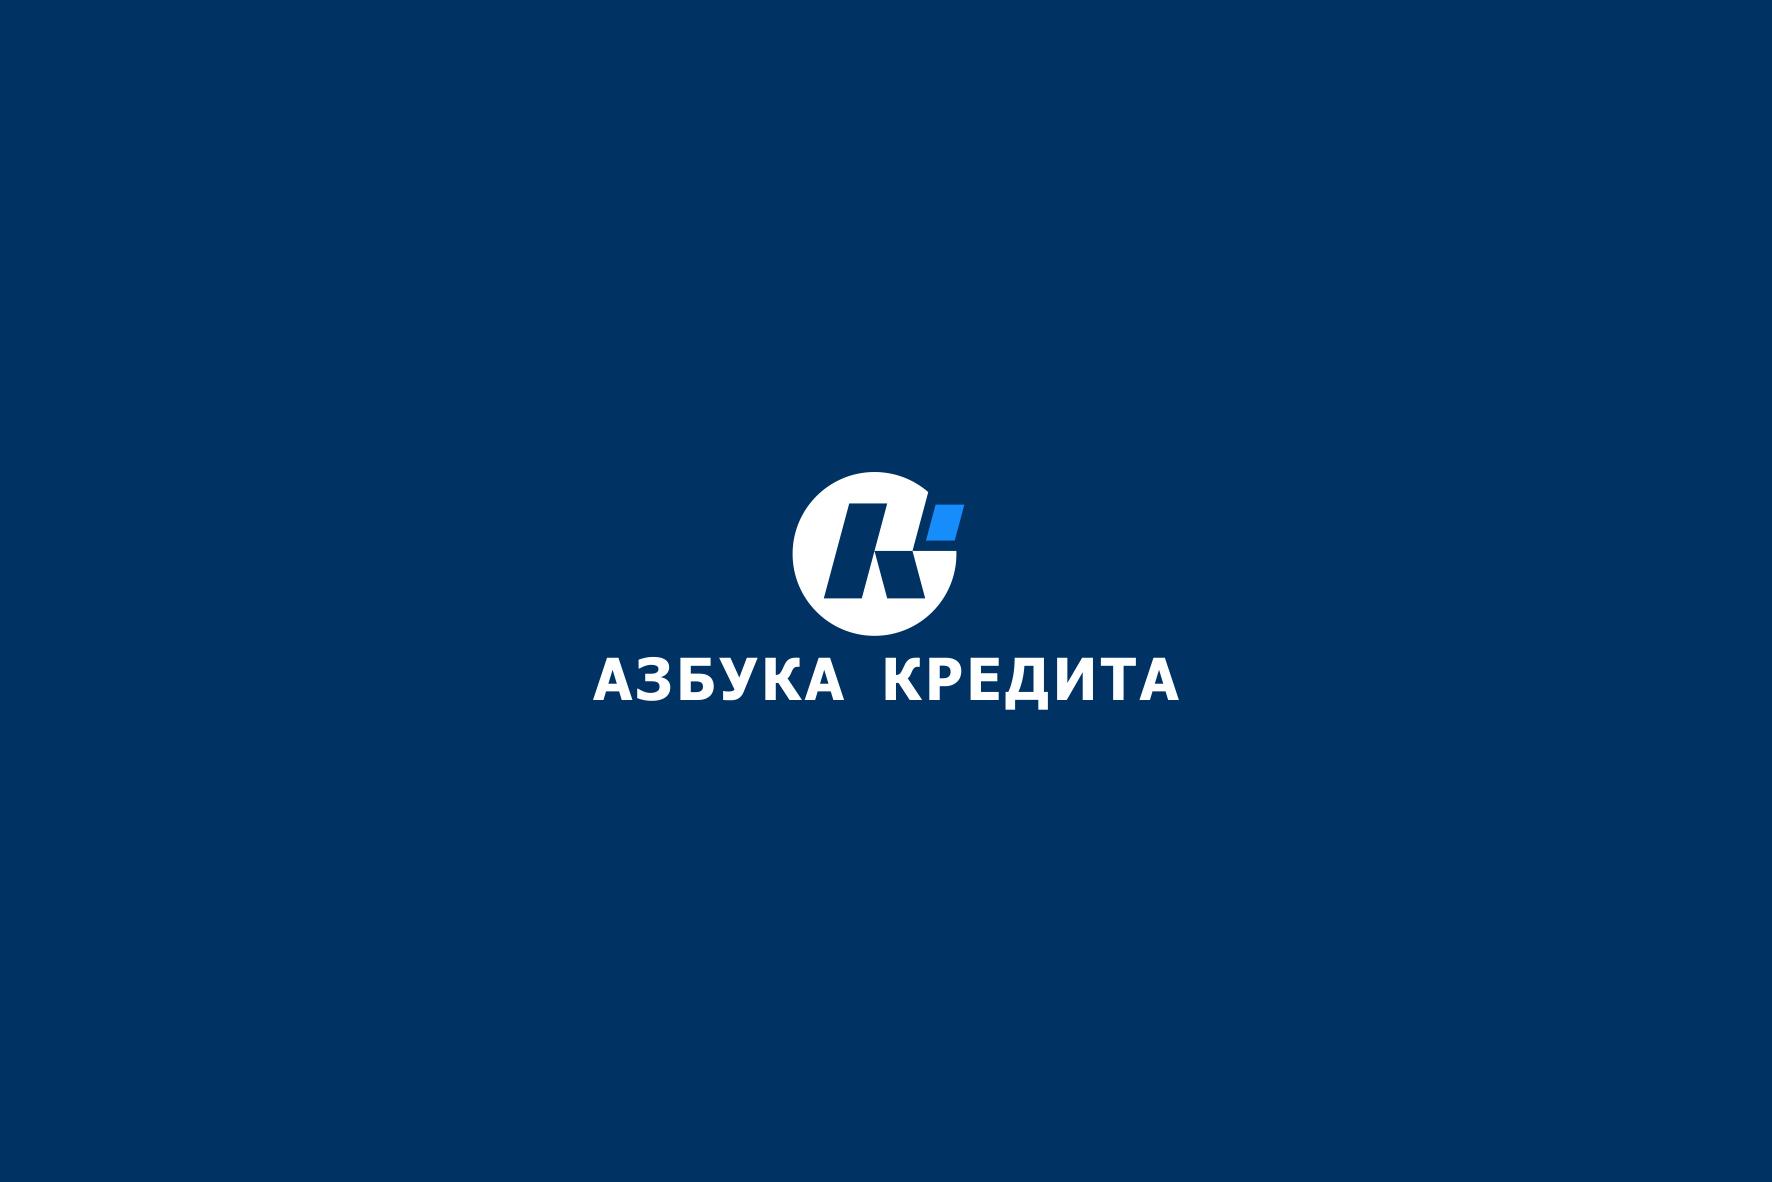 Разработать логотип для финансовой компании фото f_3185de63c3958310.png